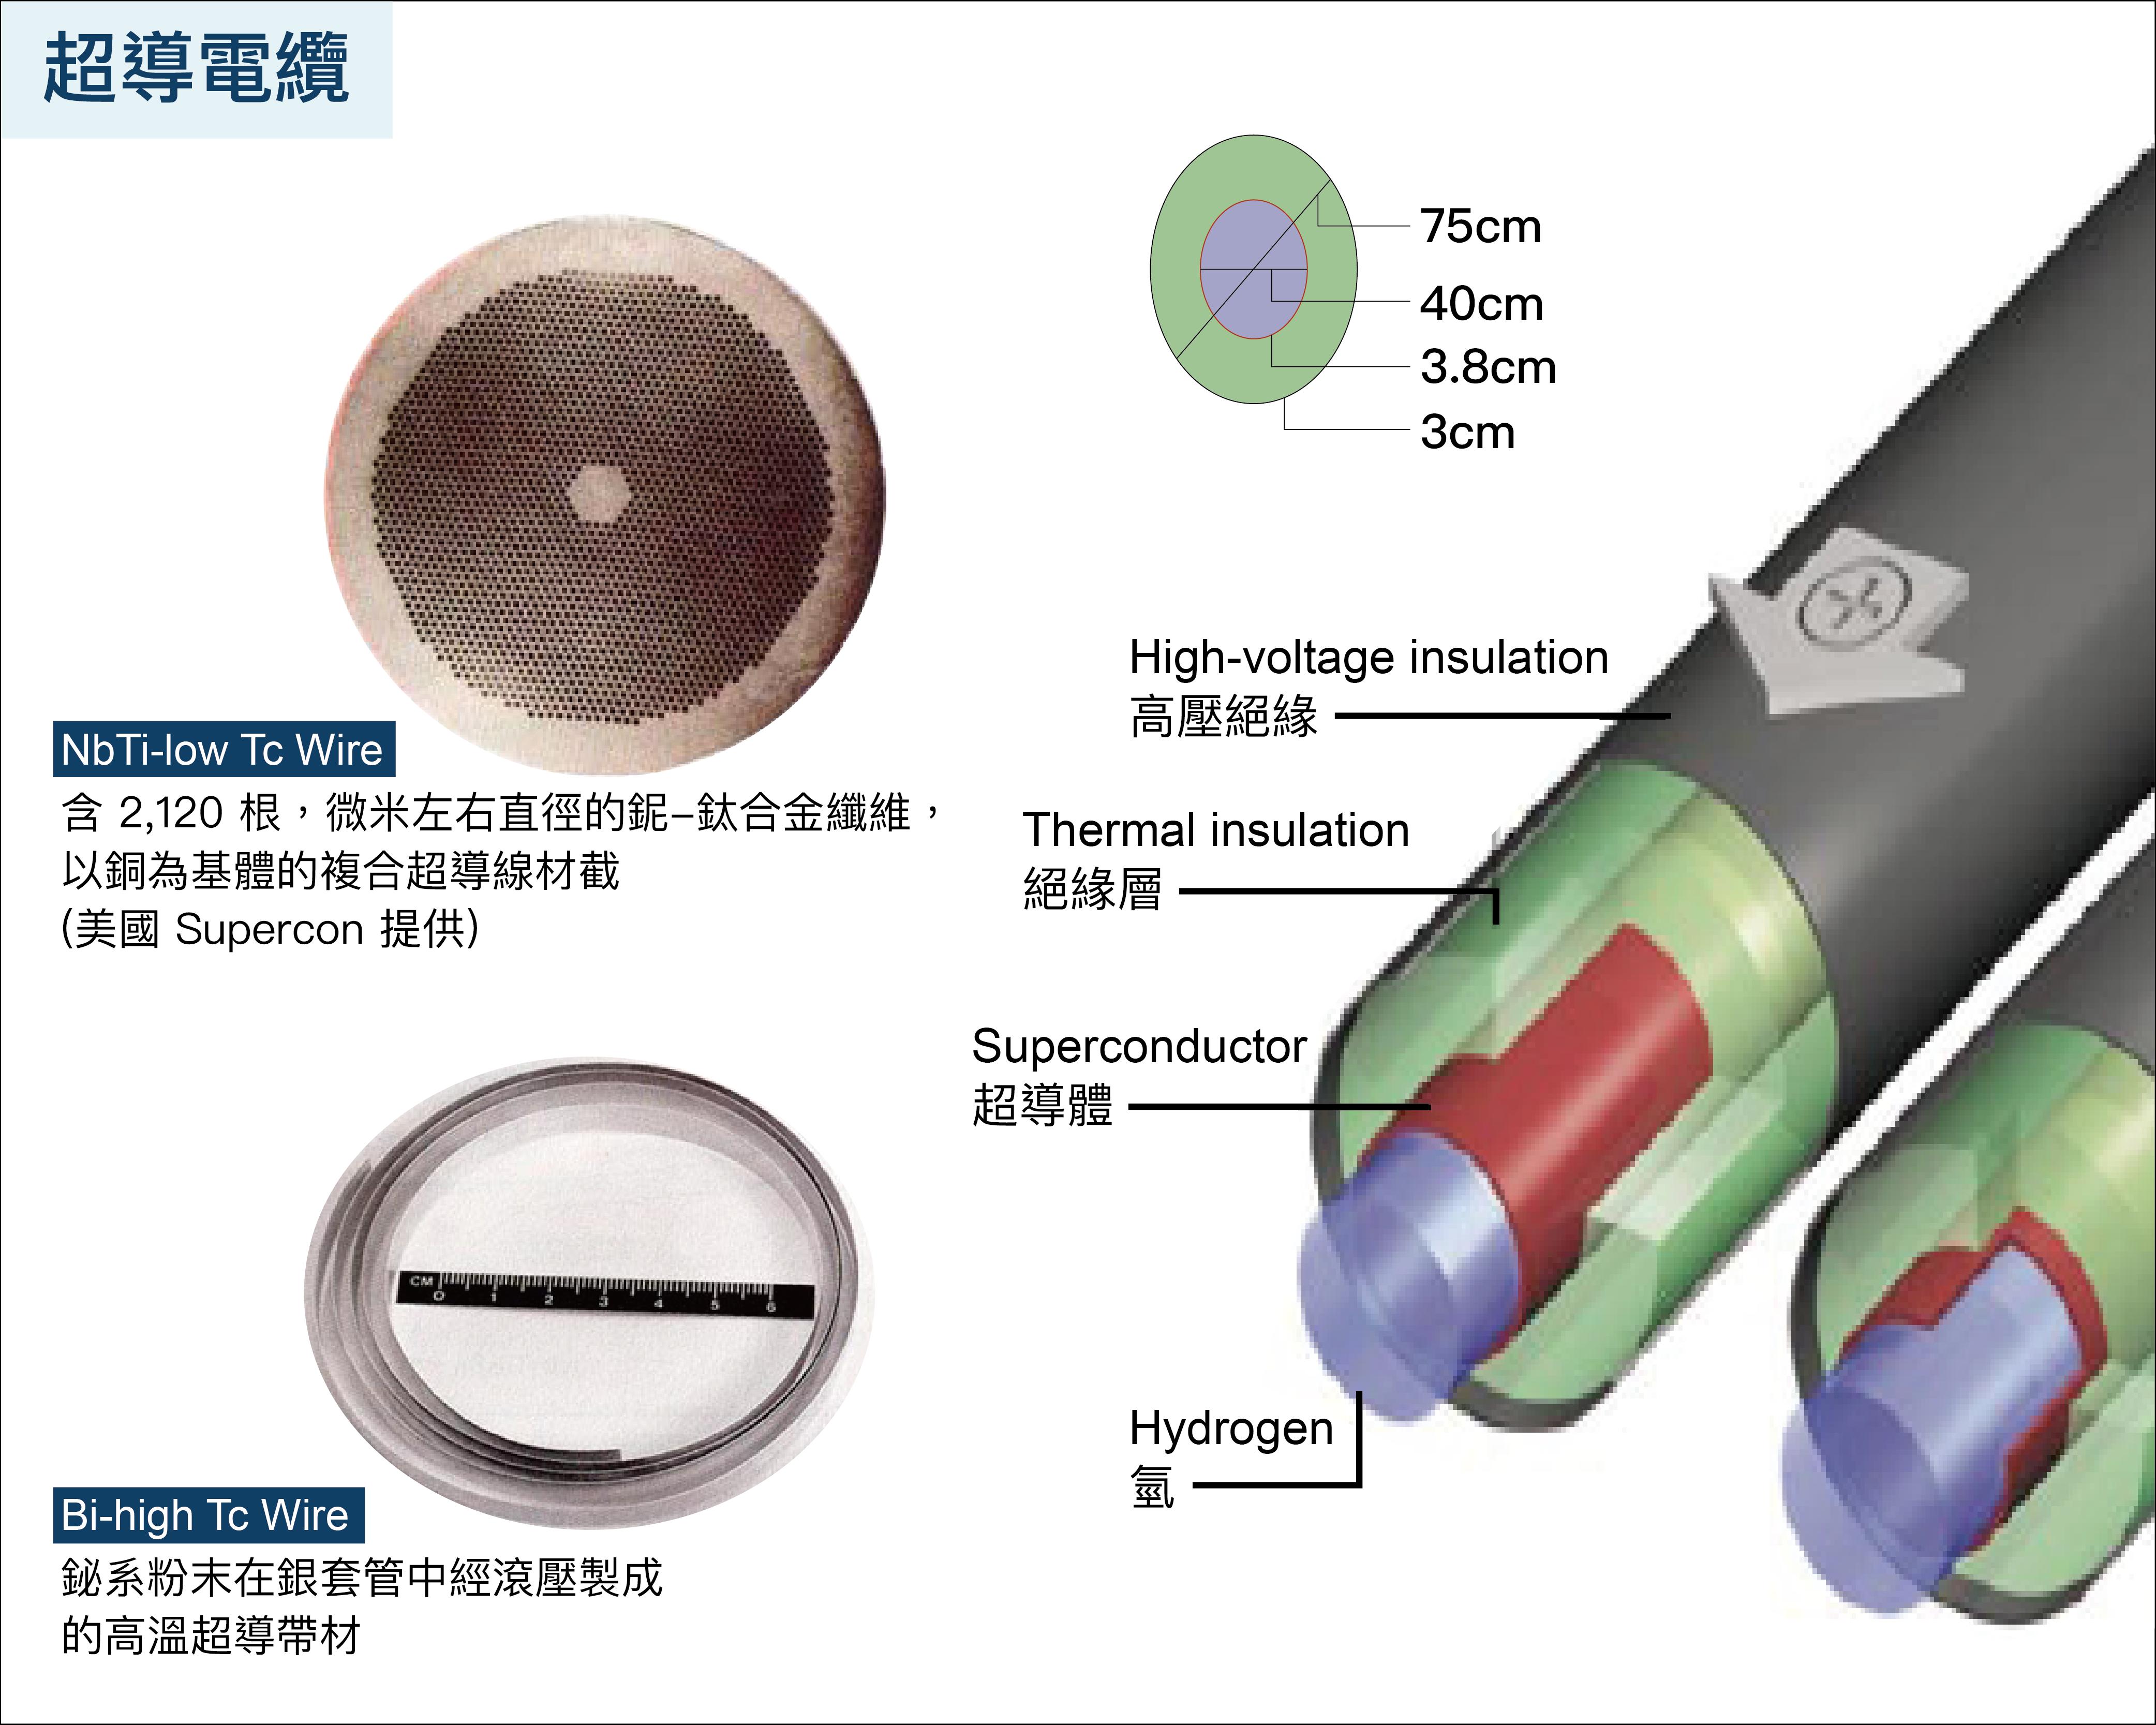 由於超導體「零電阻」的特性,使用超導電性傳輸電流將不會有損耗。 資料來源│TED x Taipei ─ 熱情點燃超導體,講者:吳茂昆 (影片) 圖說重製│柯旂、張語辰